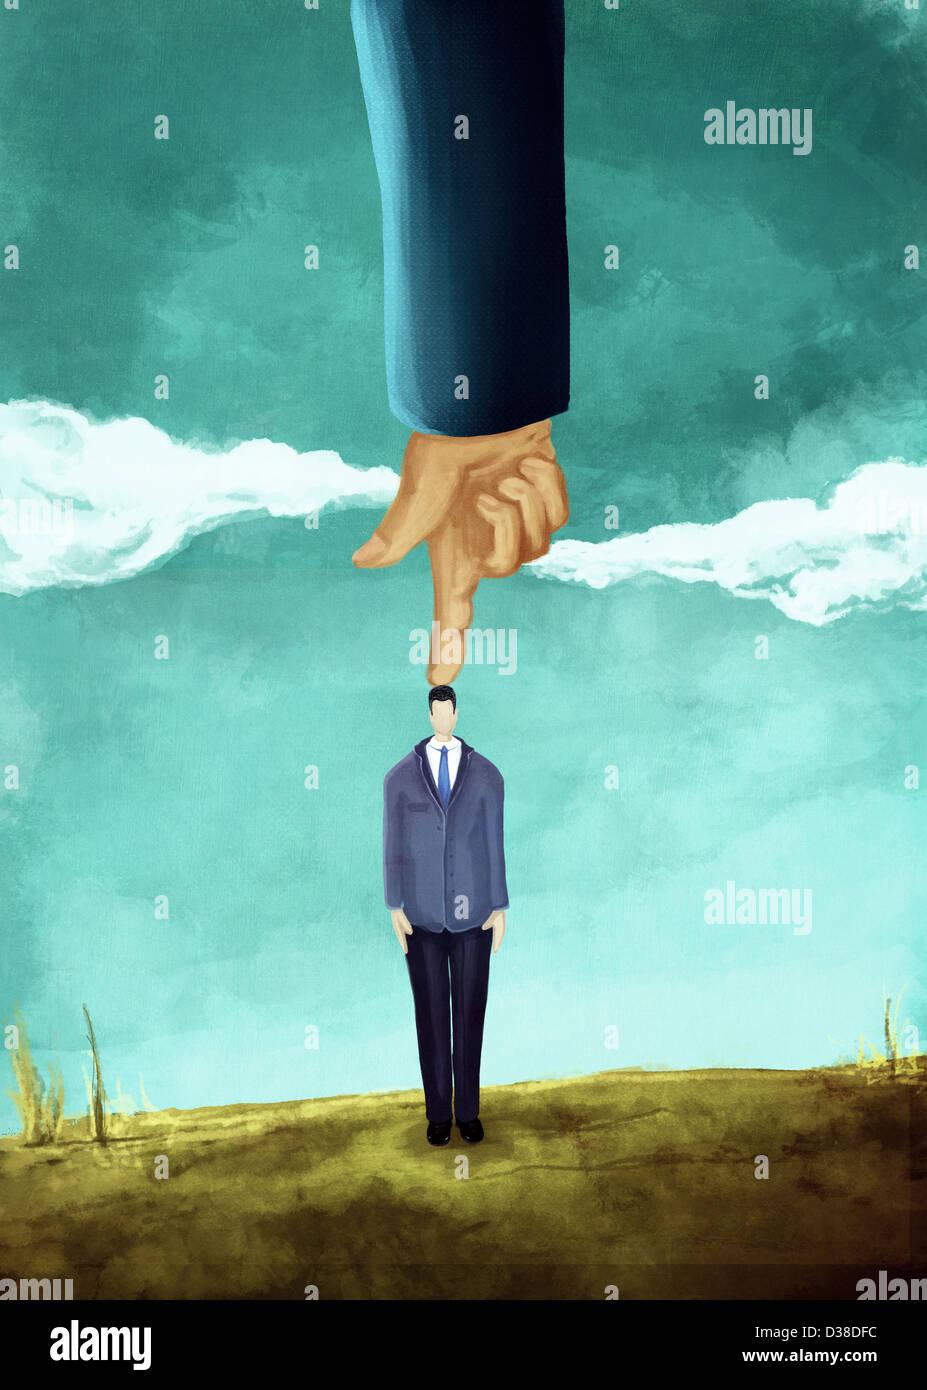 Image d'illustration sur la tête d'un homme d'affaires de domination représentant Photo Stock